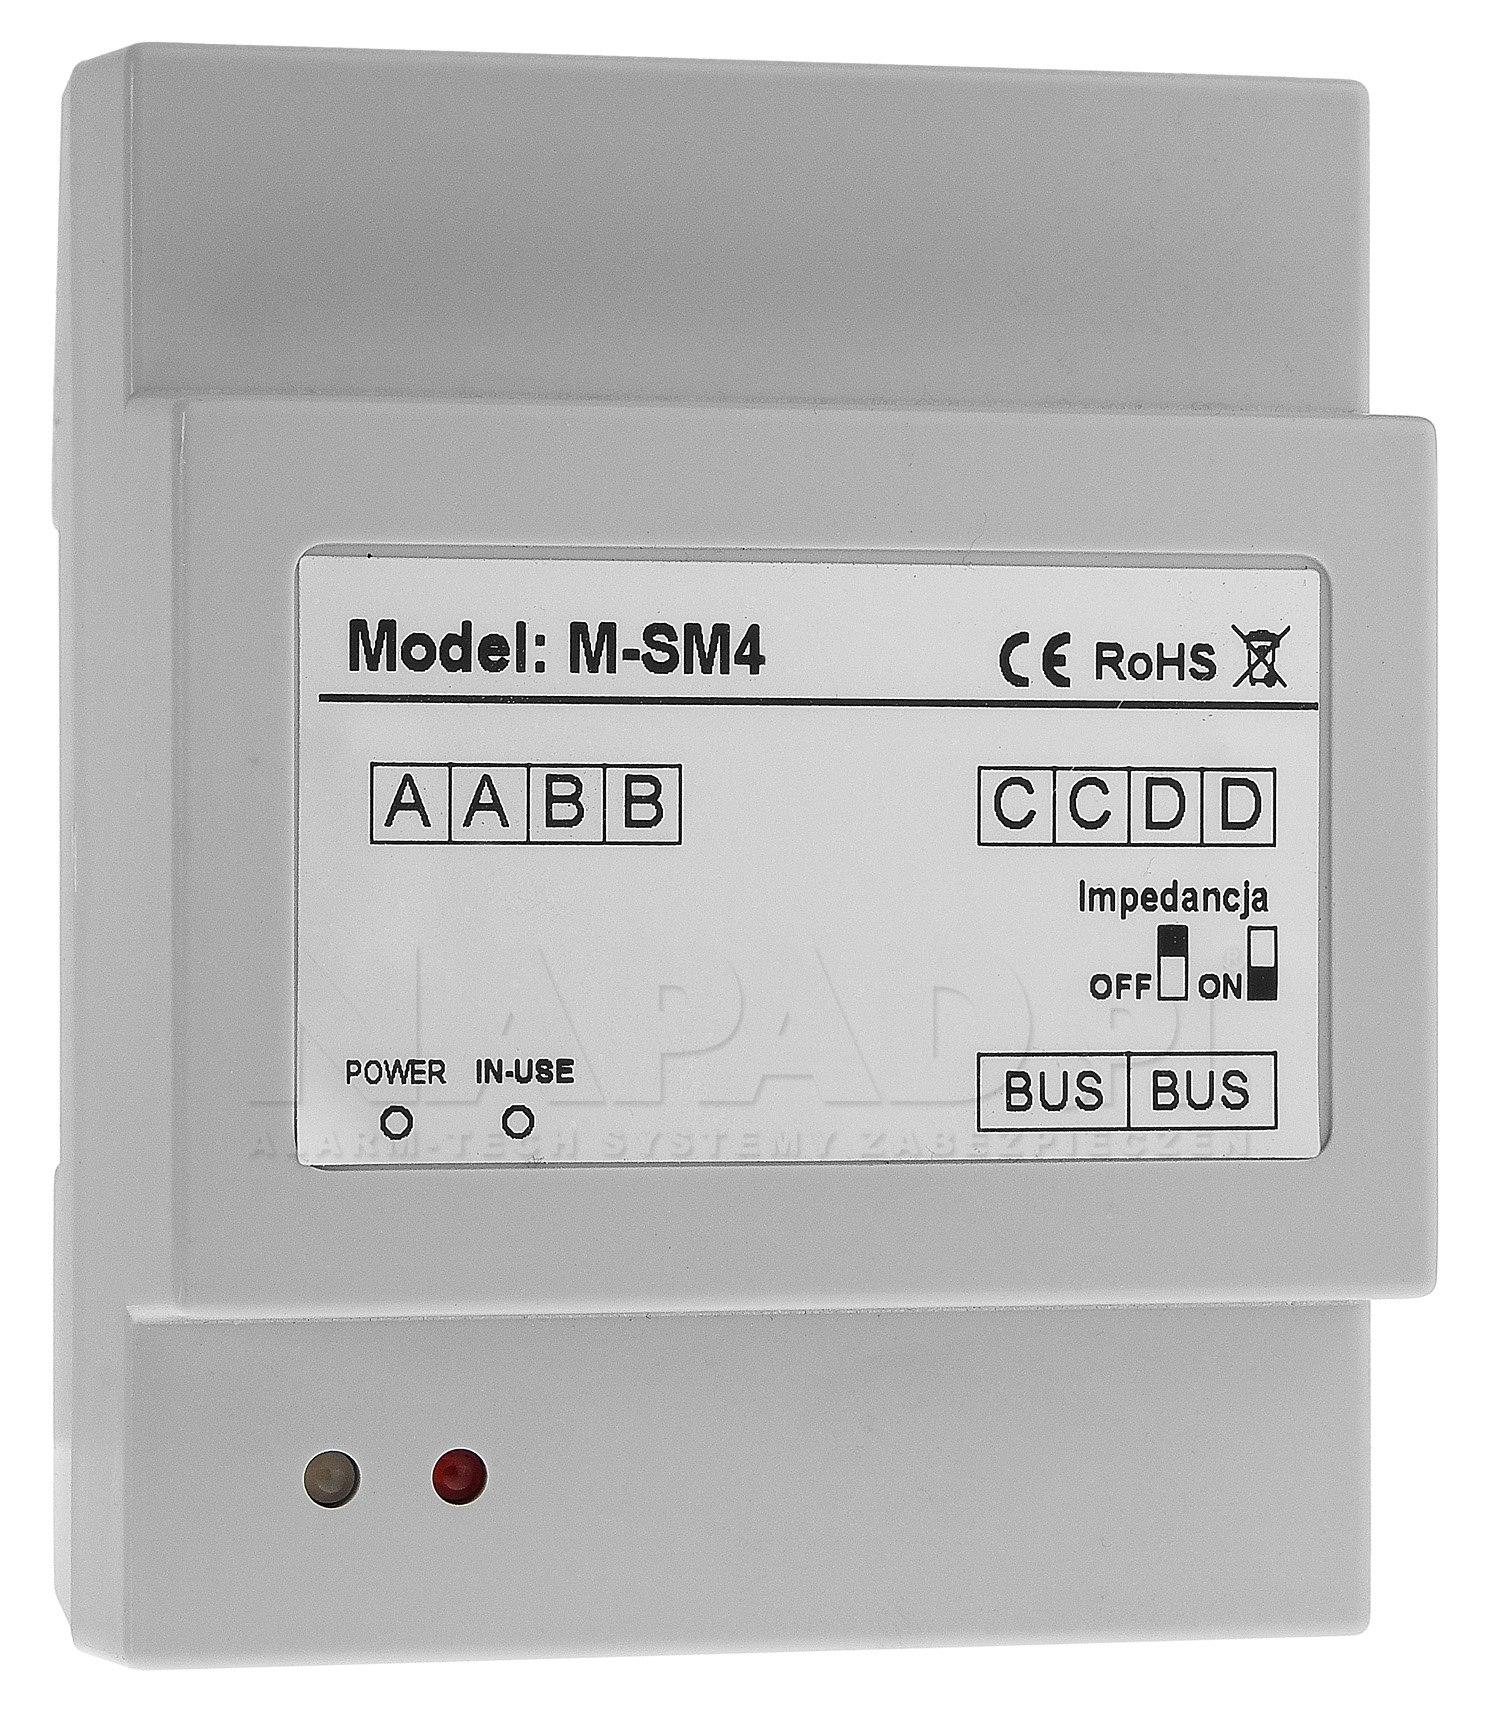 M-SM4 - Moduł funkcyjny